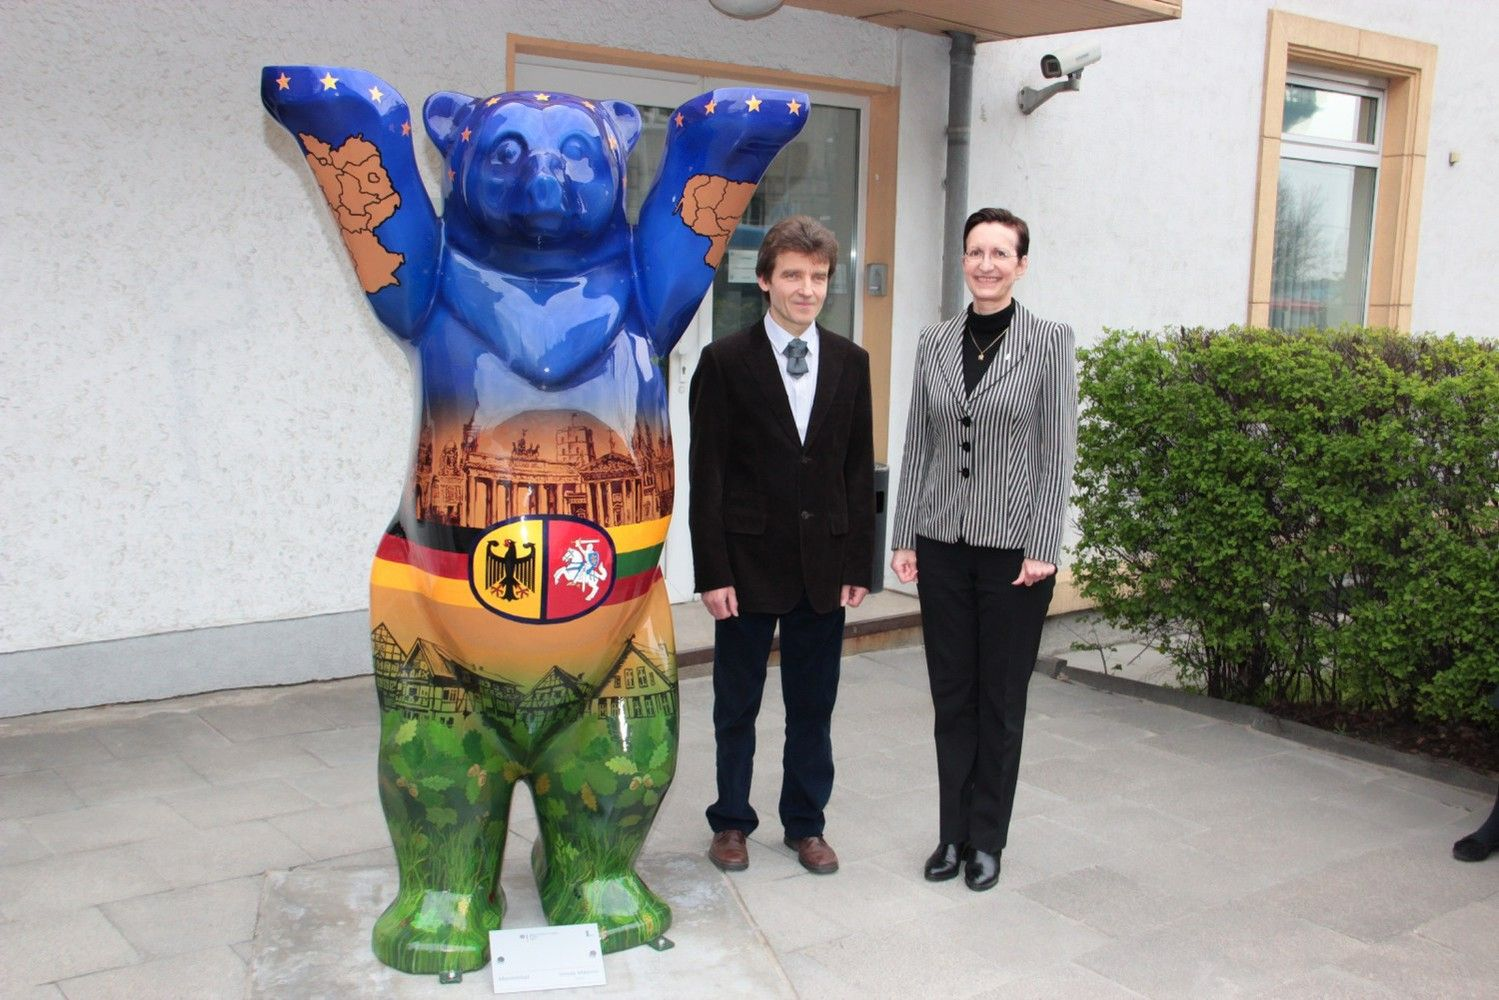 Pasaulyje eksponuojamąkolekciją papildė du lietuvių puoštidarbai